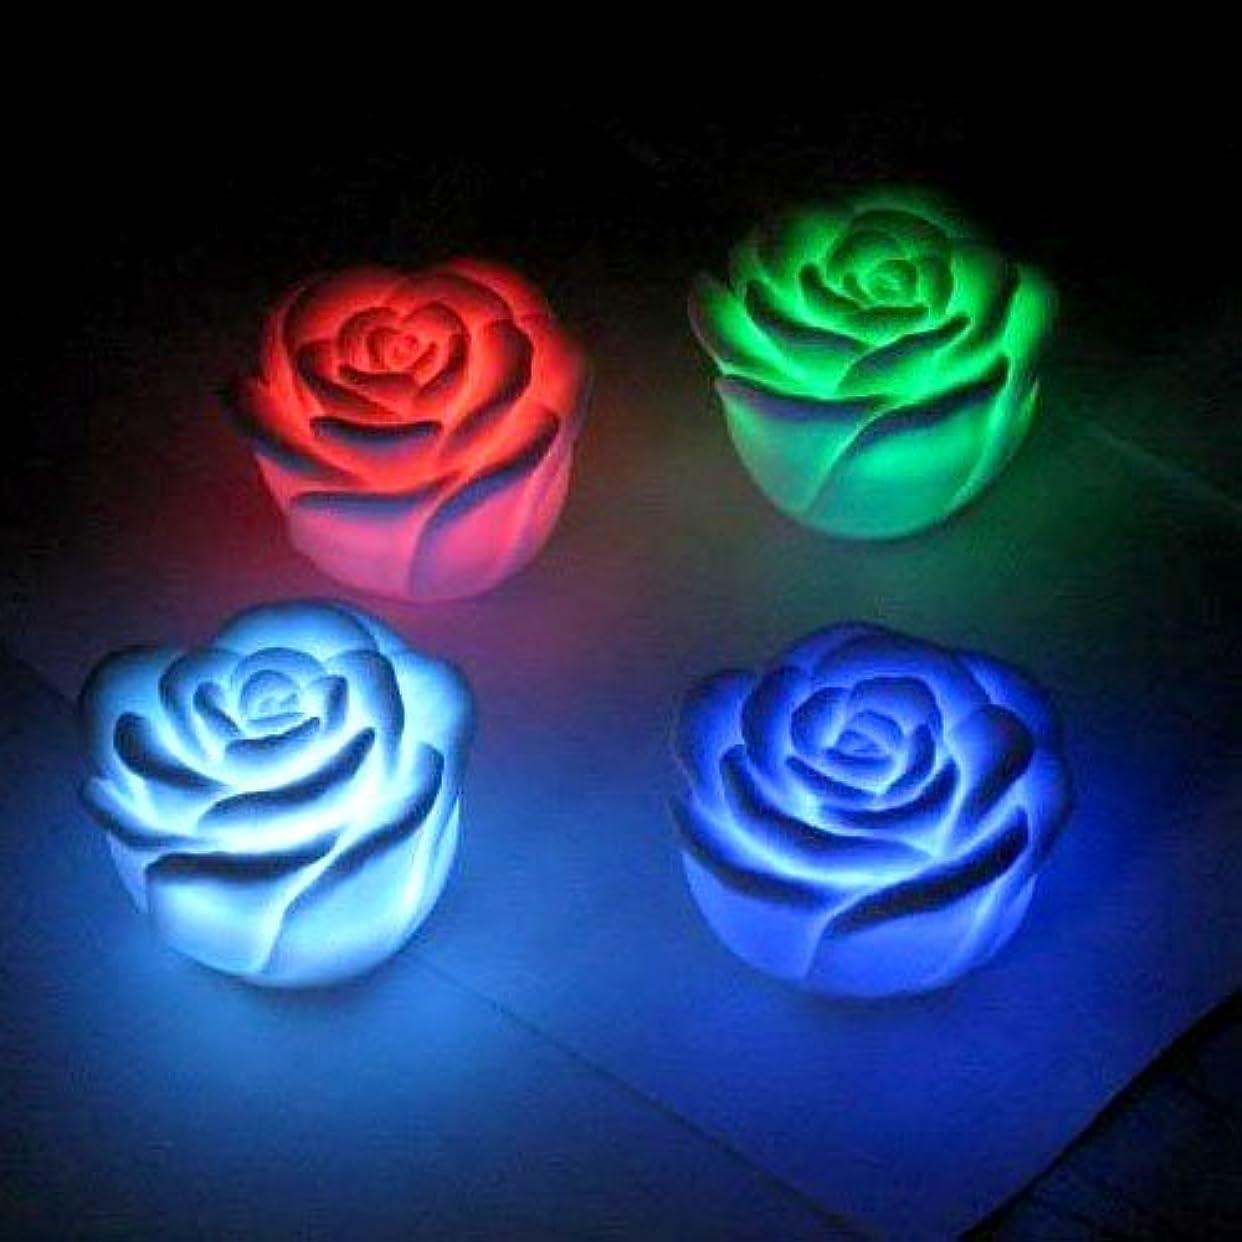 優しいスキャンダル逆説Hommy 七色変化バラの花形LED常夜灯 2個入り